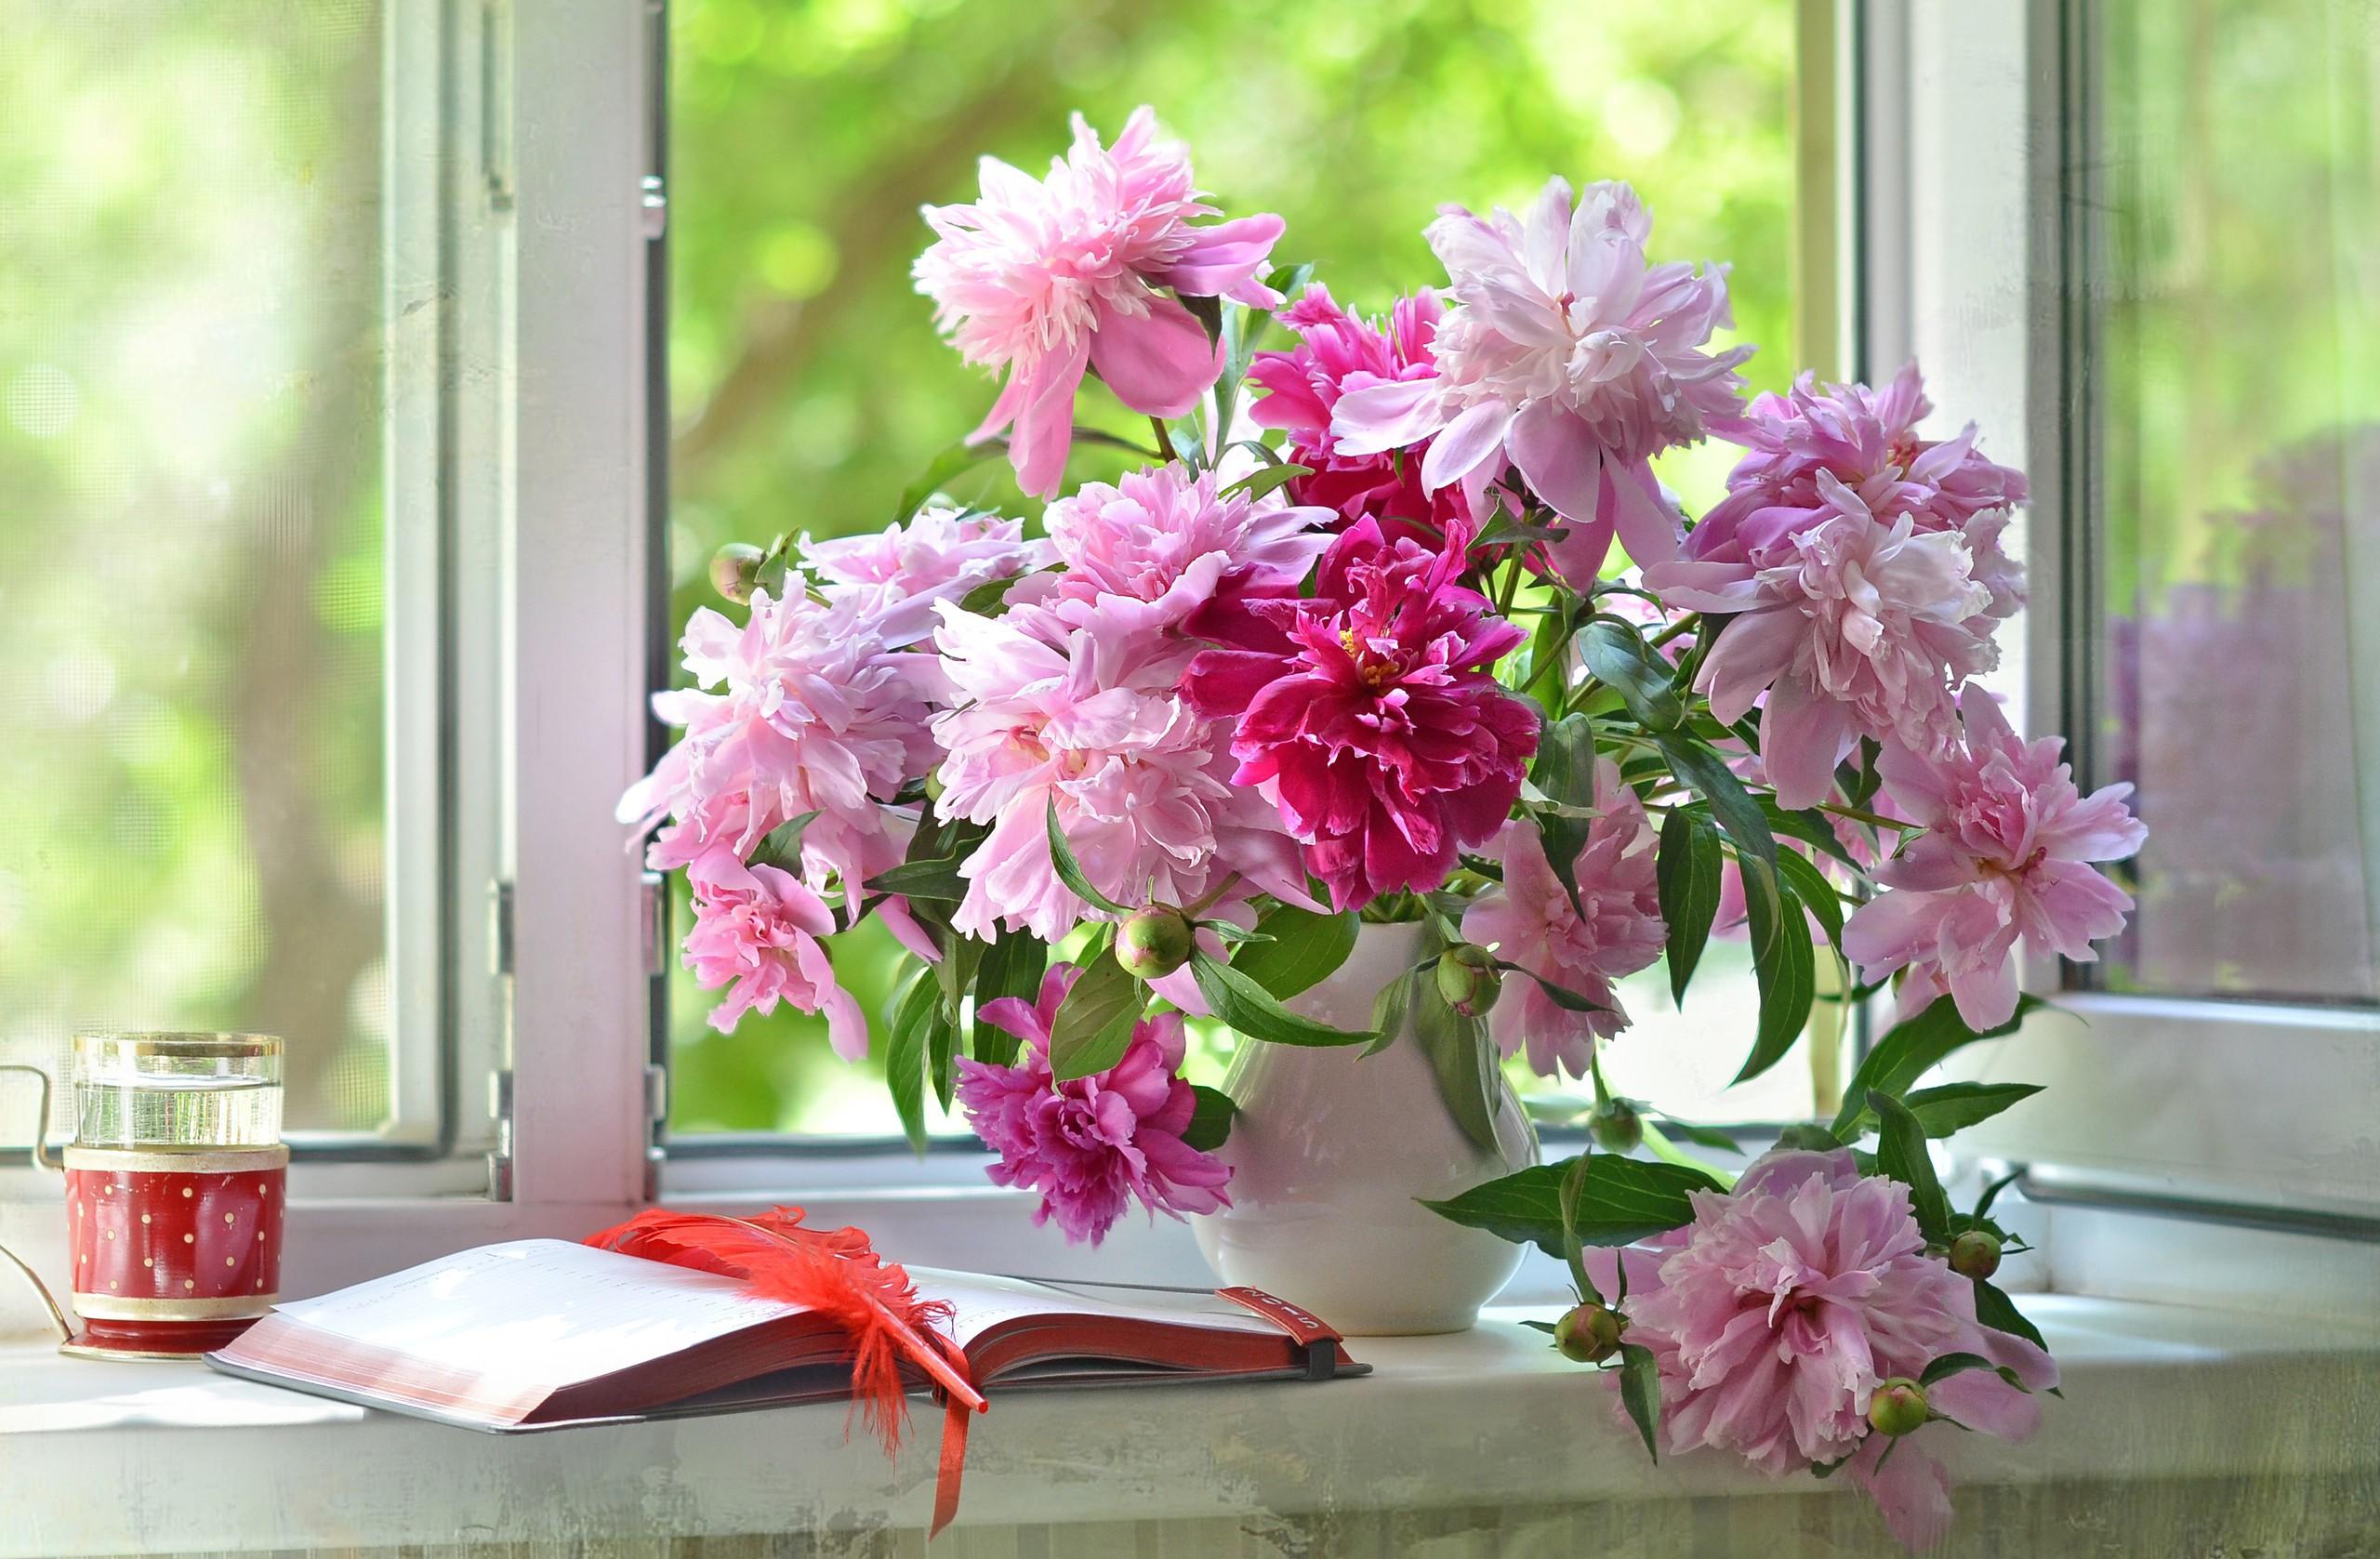 только красивые картинки окно с цветами самых